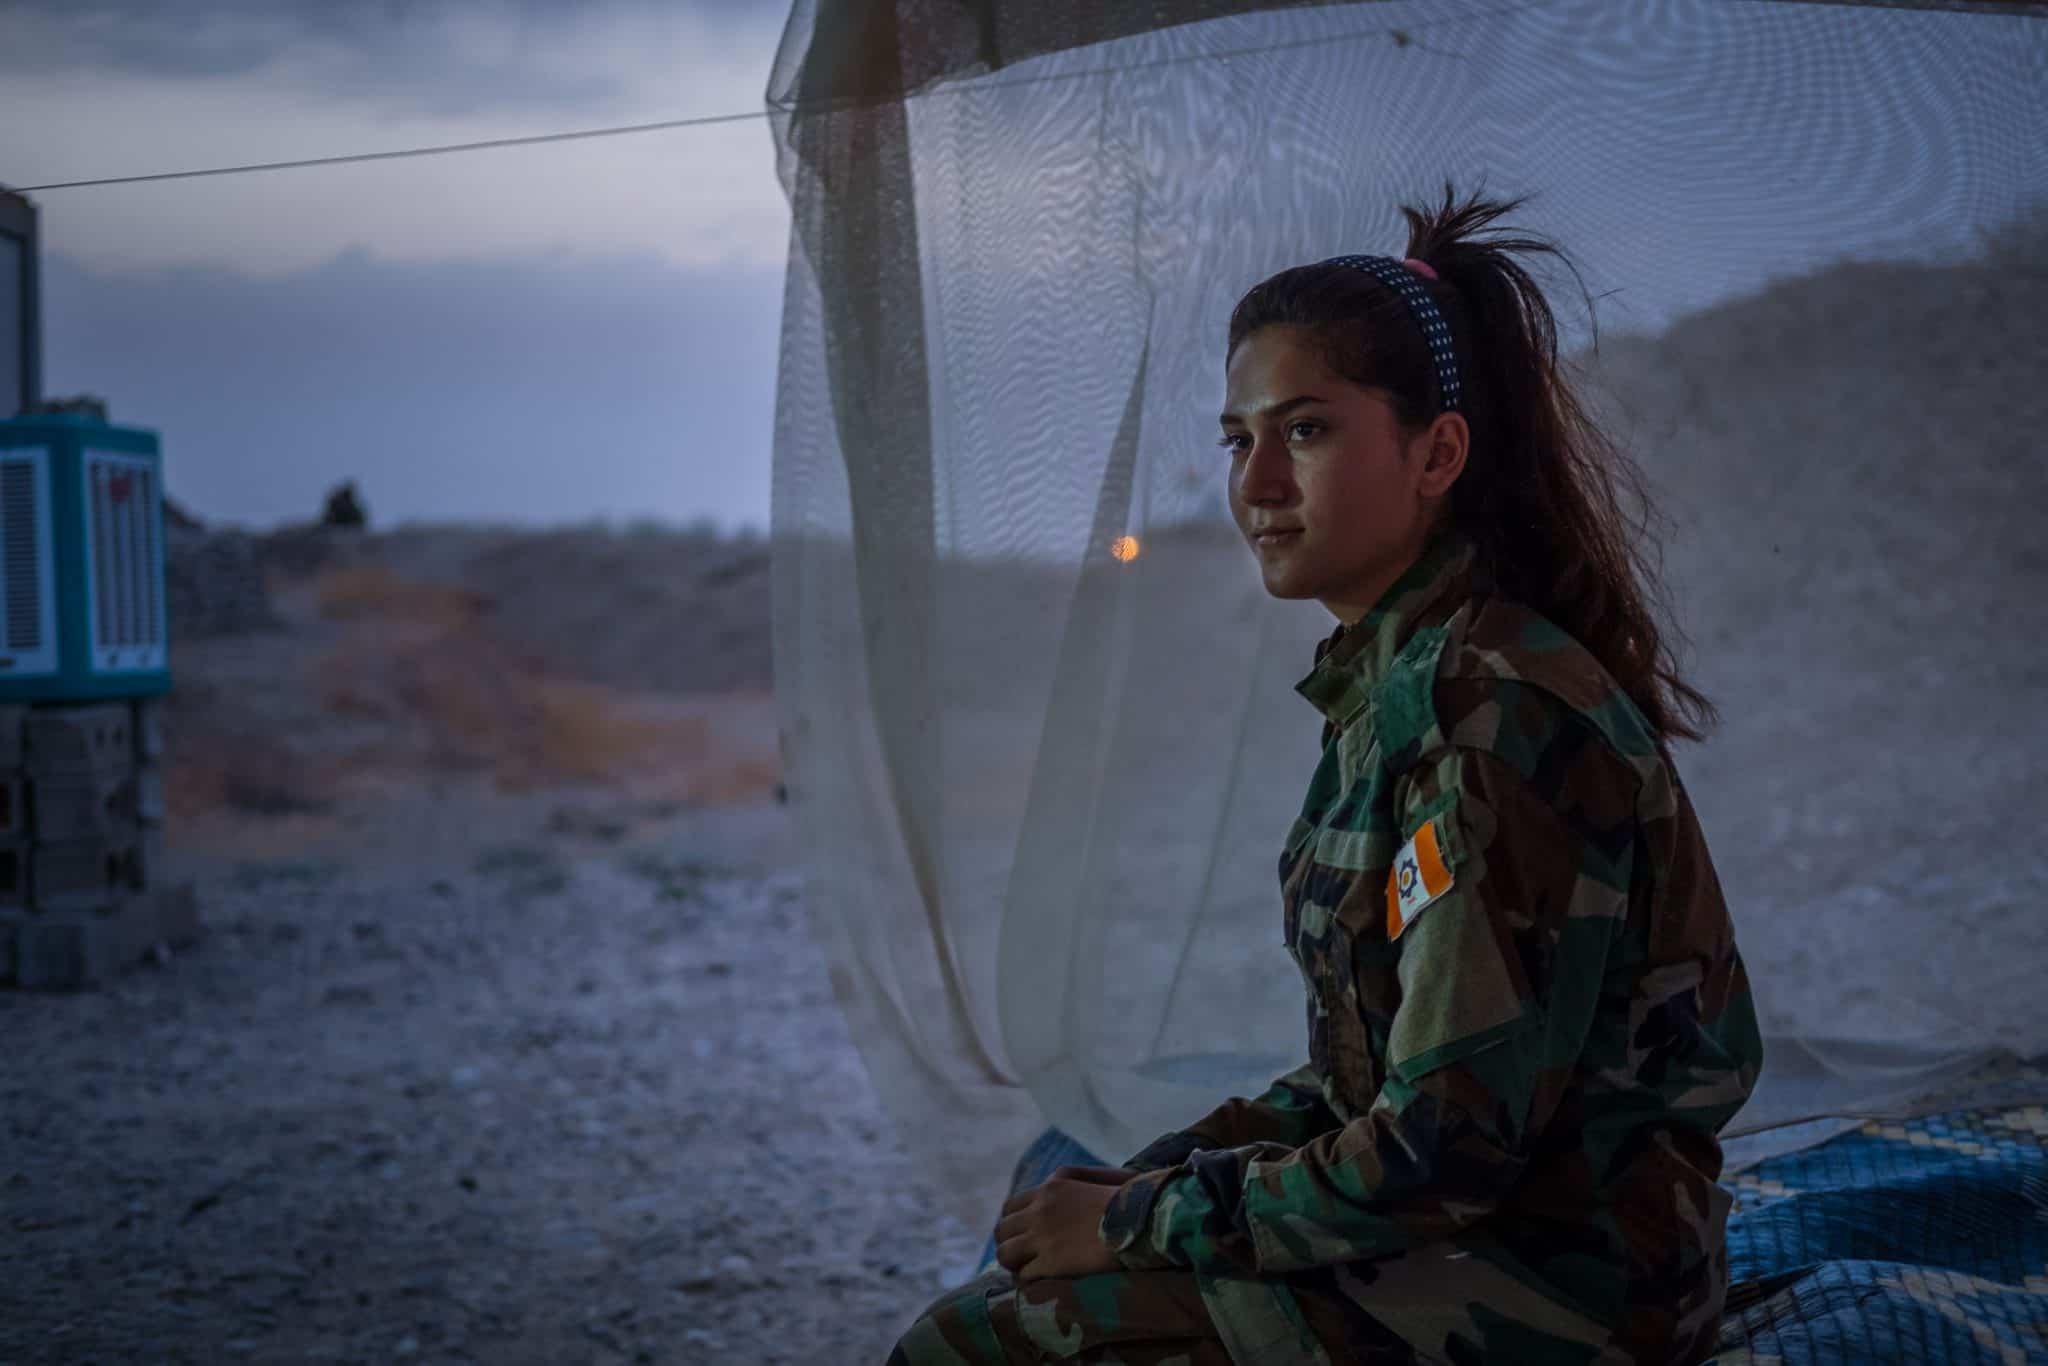 DR3 Krigens skygger Iraq Kurdistan